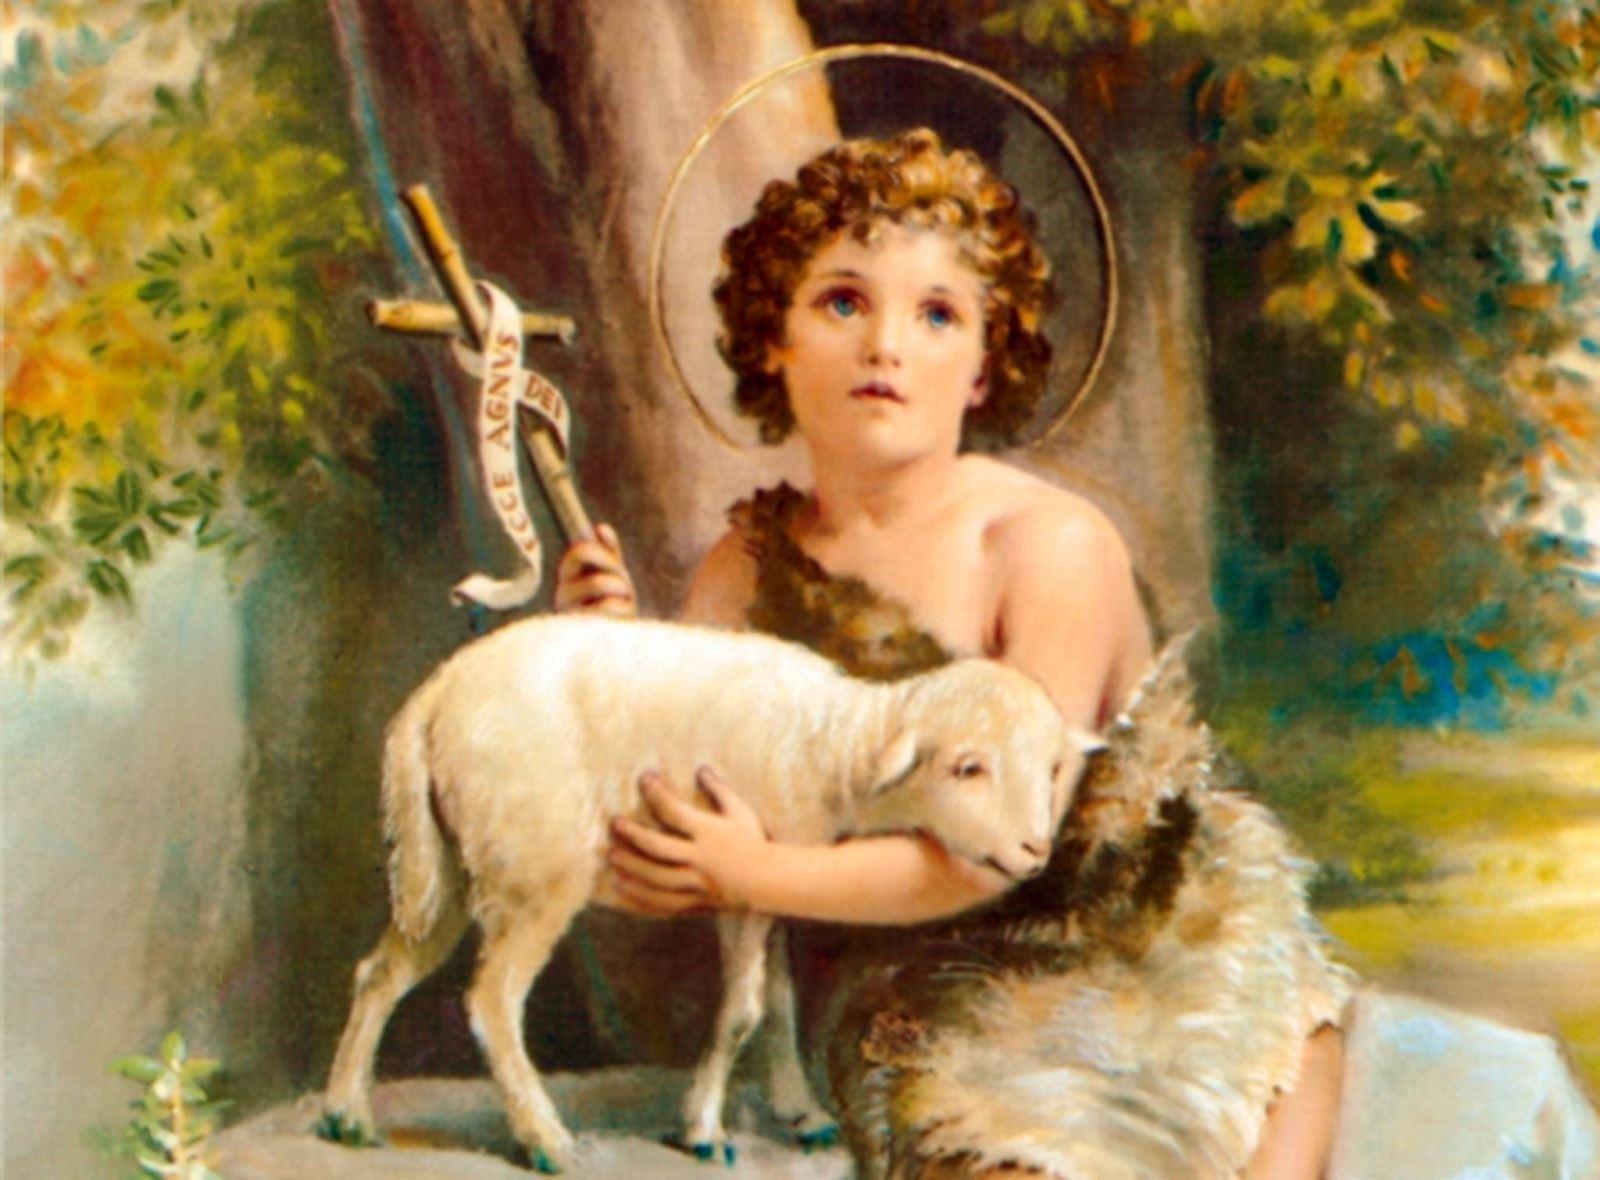 XIN BÀN TAY CHÚA Ở VỚI CHÚNG TA. Suy niệm Lời Chúa Lễ Thánh Gioan Tẩy Giả (24/6)